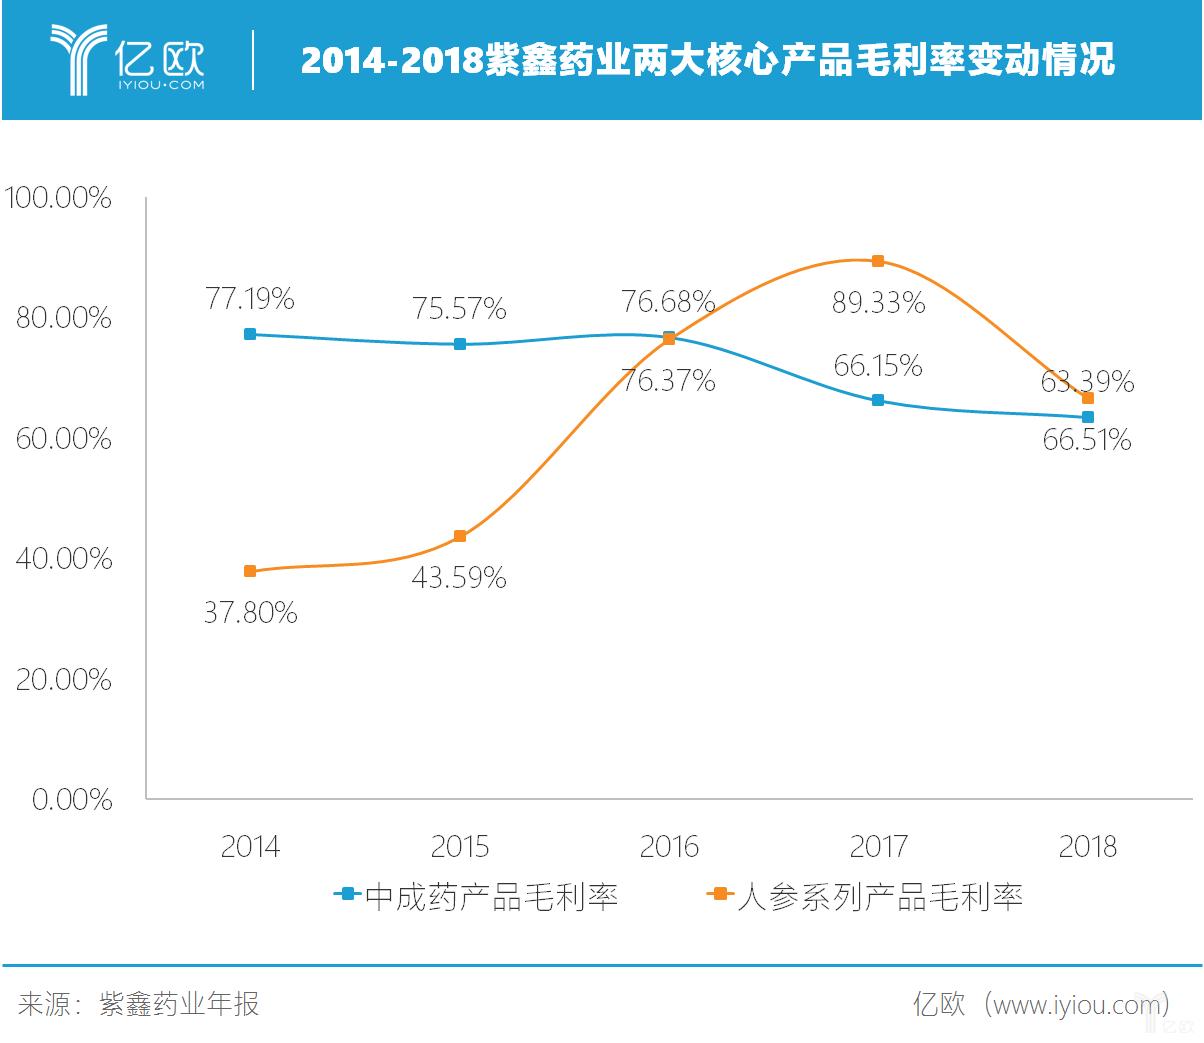 2014-2018年紫鑫药业两大核心产品奥利率变化情况